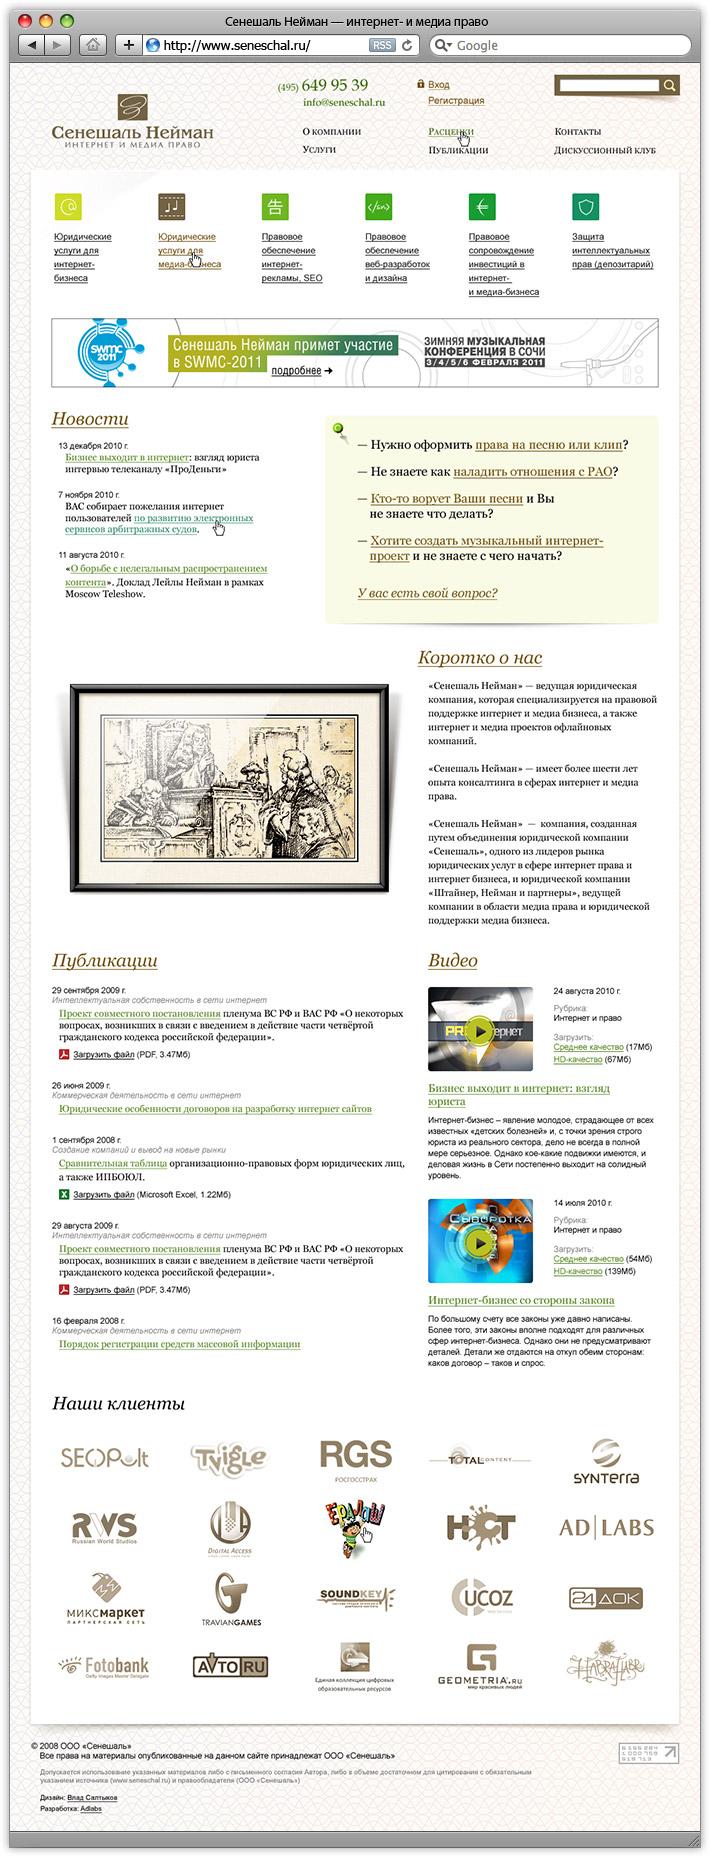 Сайт юридической фирмы «Сенешаль Нейман»